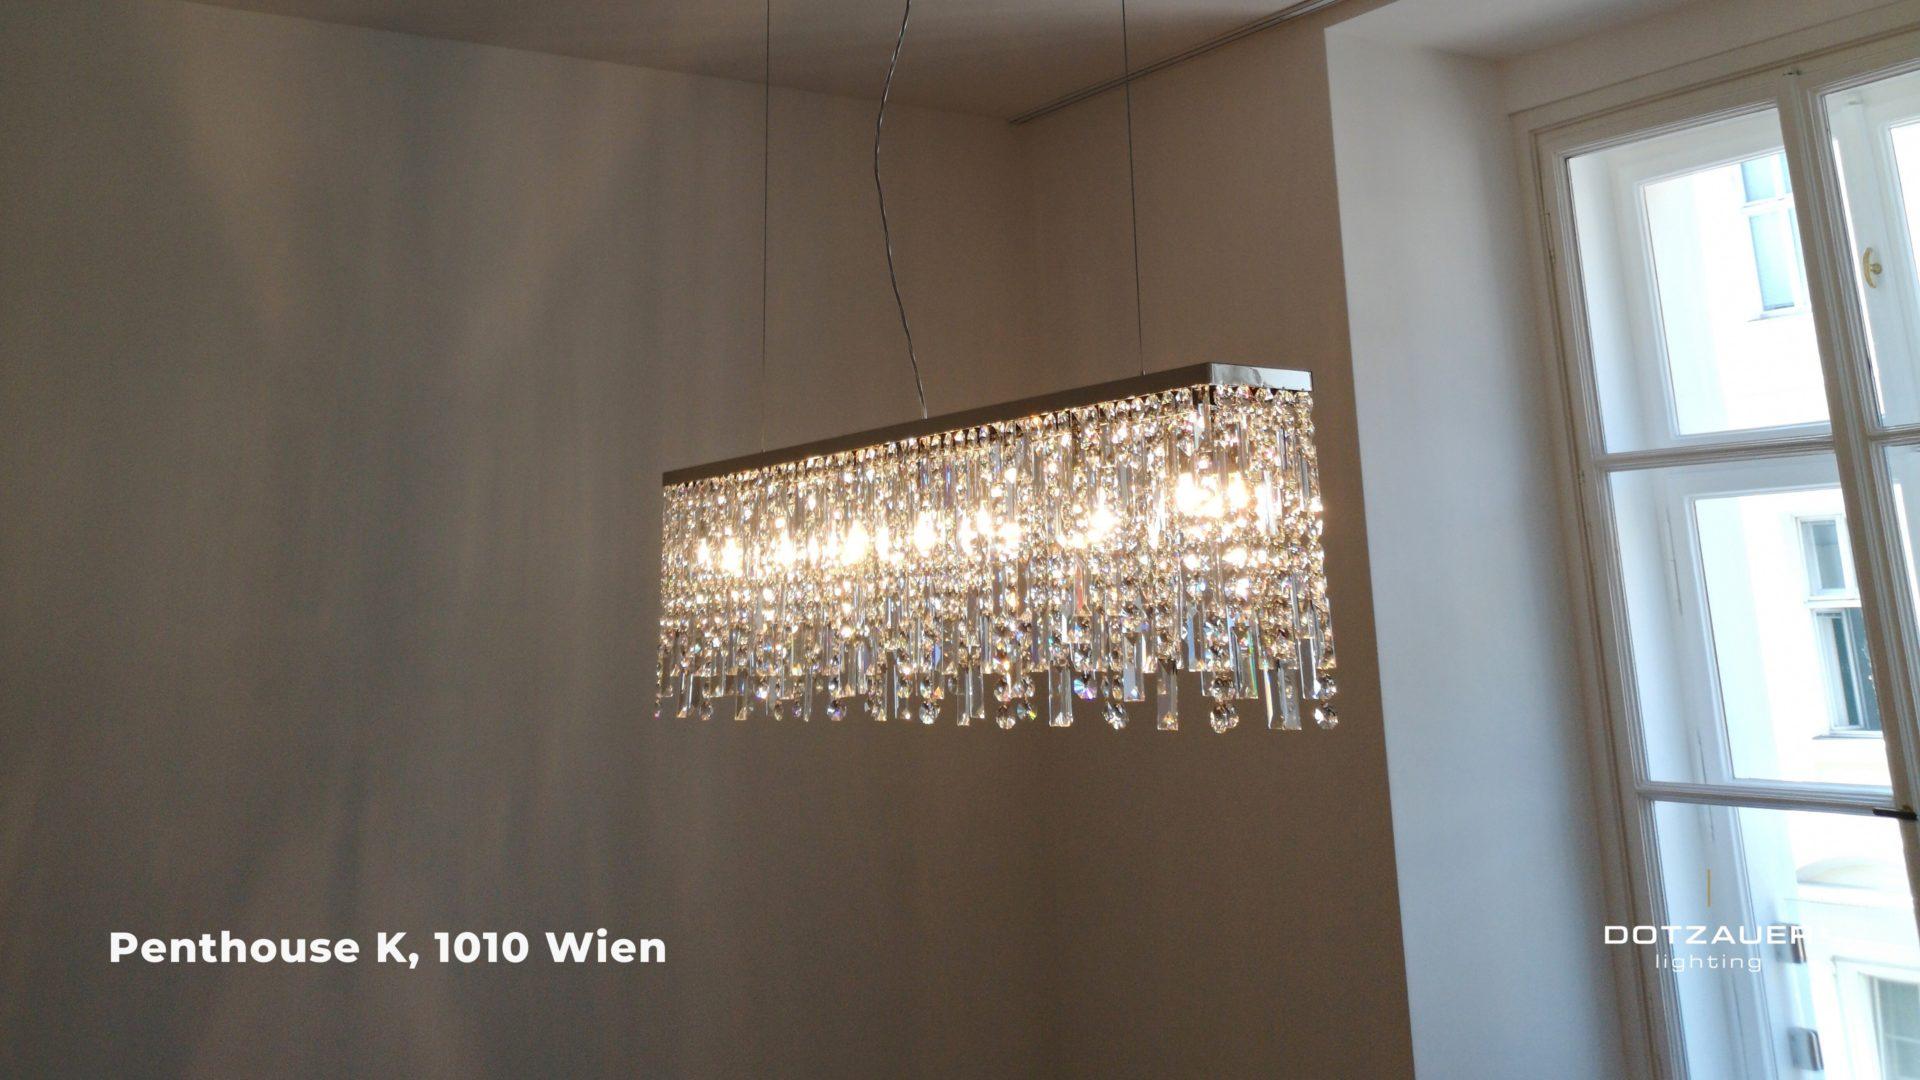 Licht für den Esstisch - Serie 4272 - Modell 4272 HL 123 - Hängeleuchte